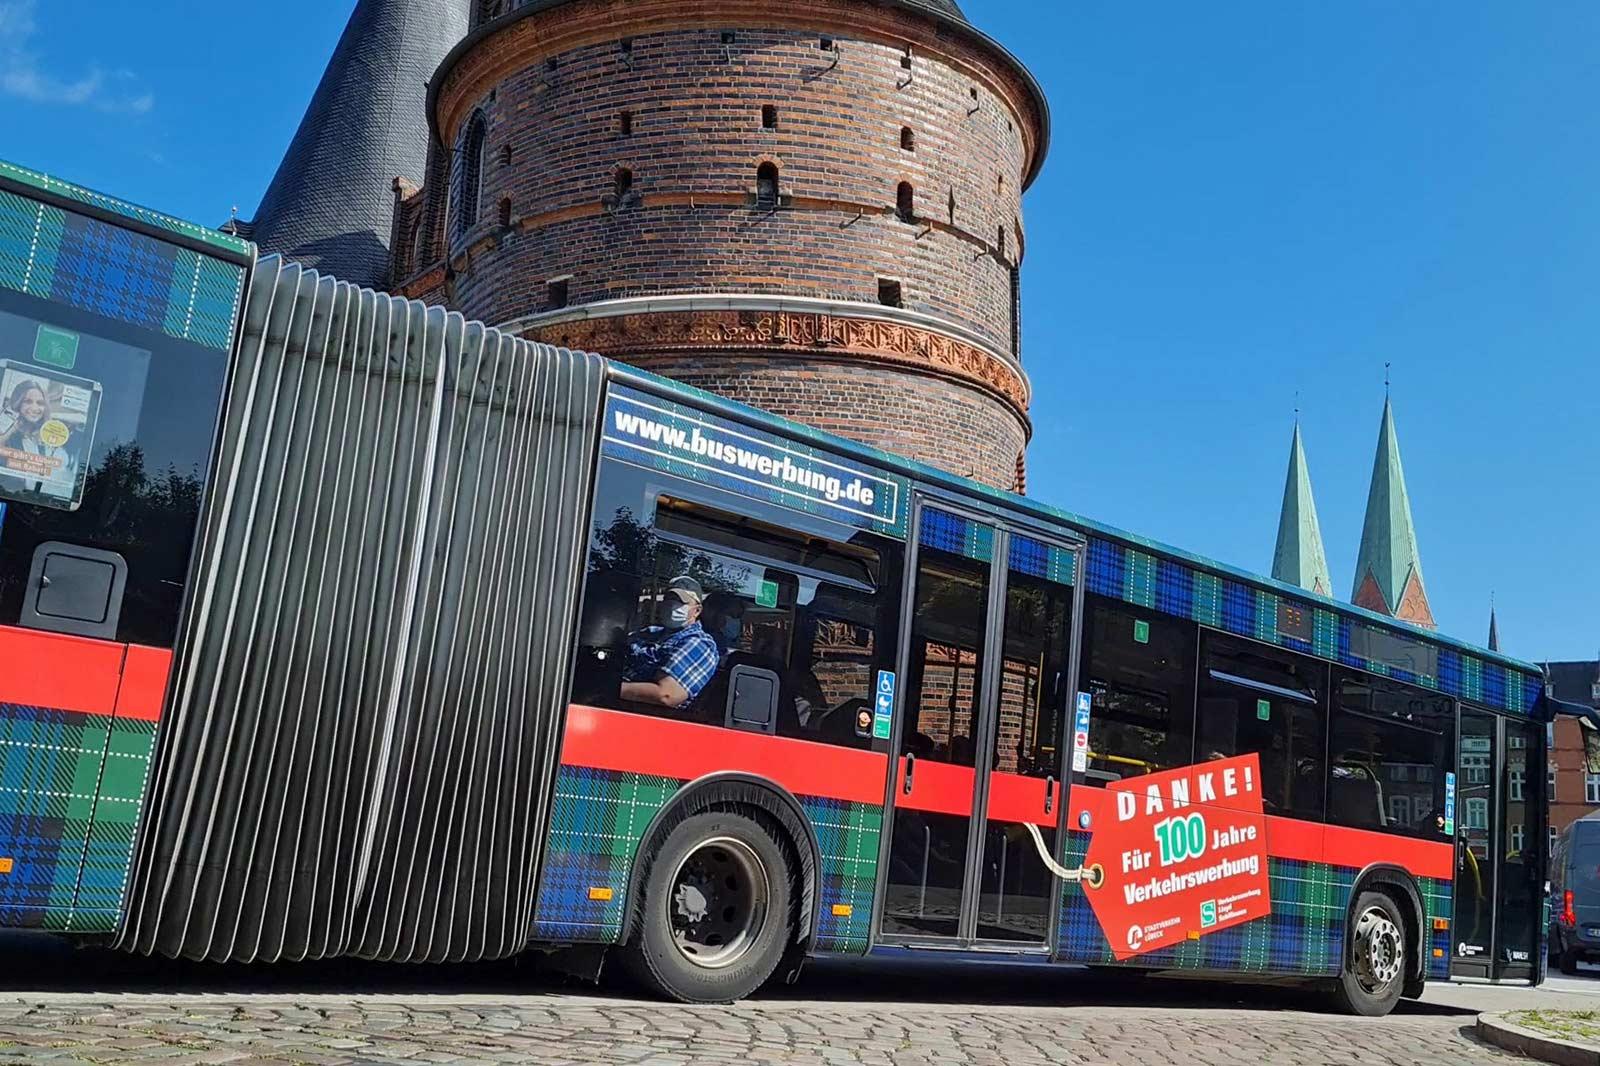 Buswerbung auf dem Jubiläumsbus in Lübeck